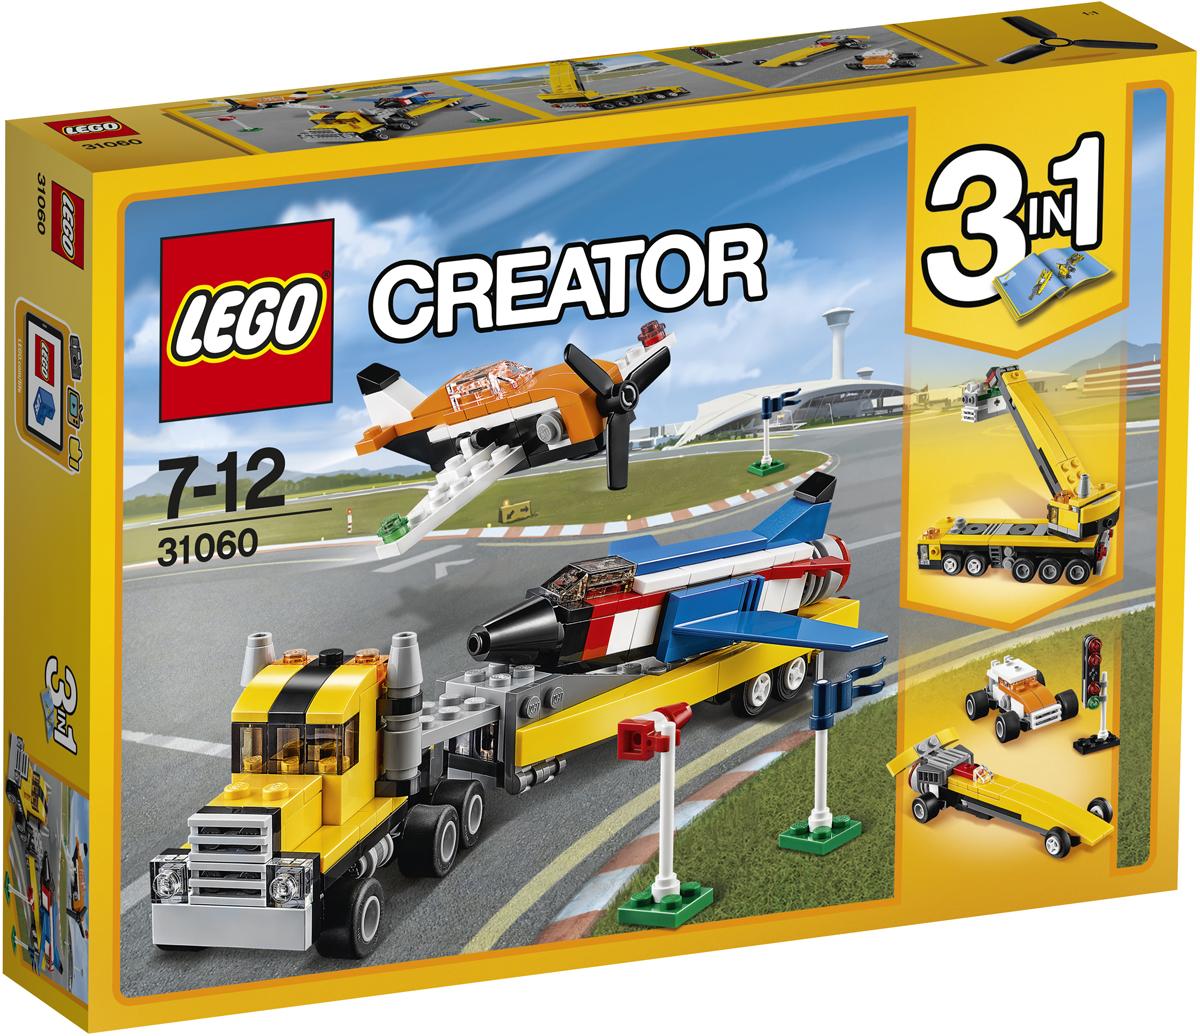 LEGO Creator Конструктор Пилотажная группа 3106031060Хочешь поразить всех удивительным представлением Пилотажной группы? В набор входит транспортировщик с огромным съёмным прицепом, два крутых самолета, два флага и ветроуказатель. Совершай головокружительные трюки на сверхзвуковом самолёте и научись выполнять мёртвую петлю на классическом винтовом самолёте. Удачного участия в авиашоу! Меняй передний, средний и задний модули, чтобы трансформировать одни модели в другие; собери Строительный грузовик или два сверхскоростных Гоночных автомобиля.